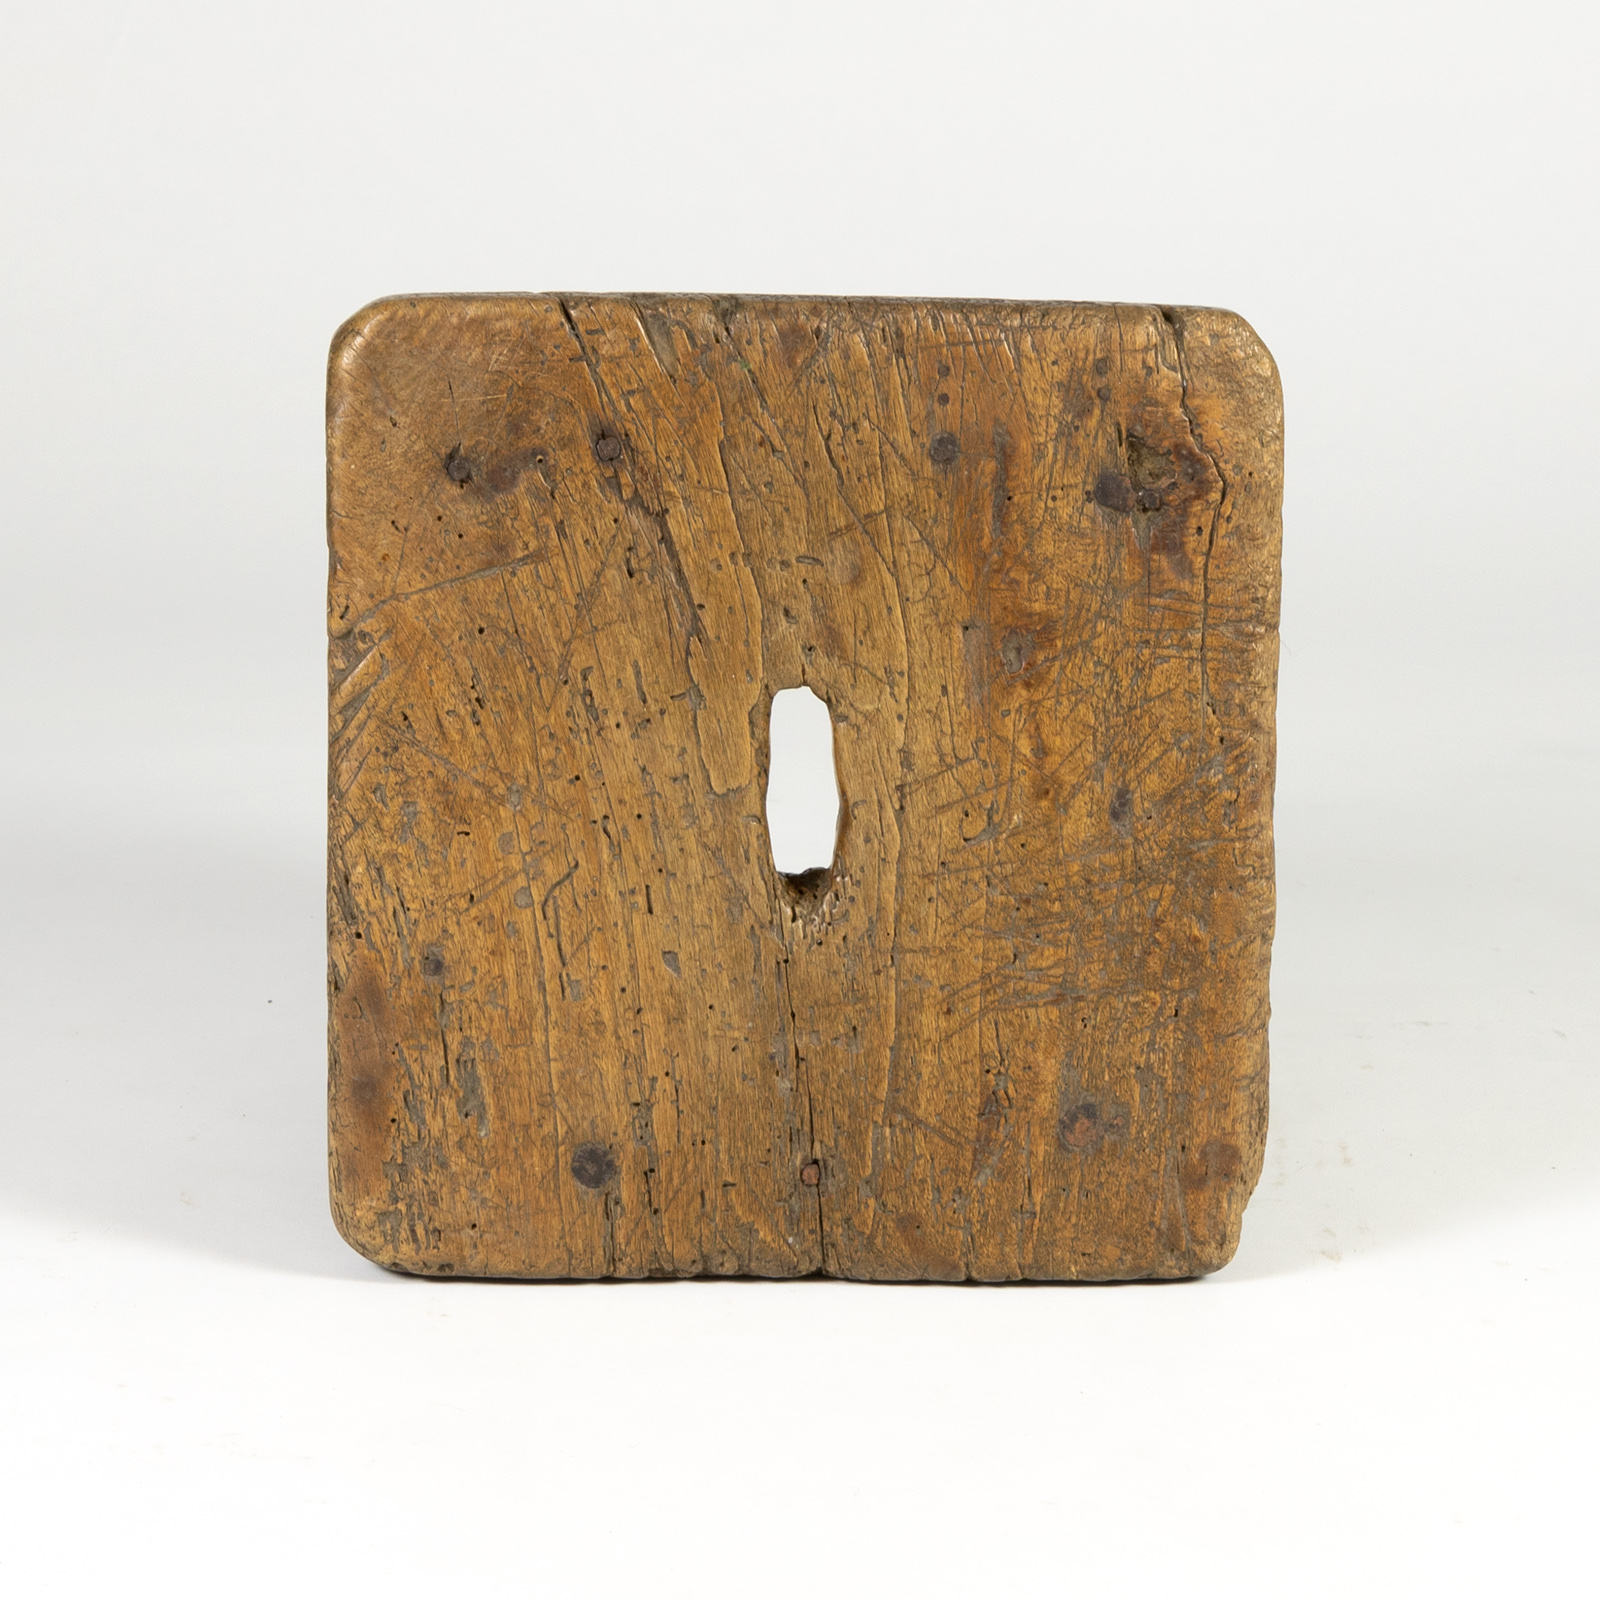 Very Rustic Vintage Square English Box Stool circa 1800 (415) 355-1690